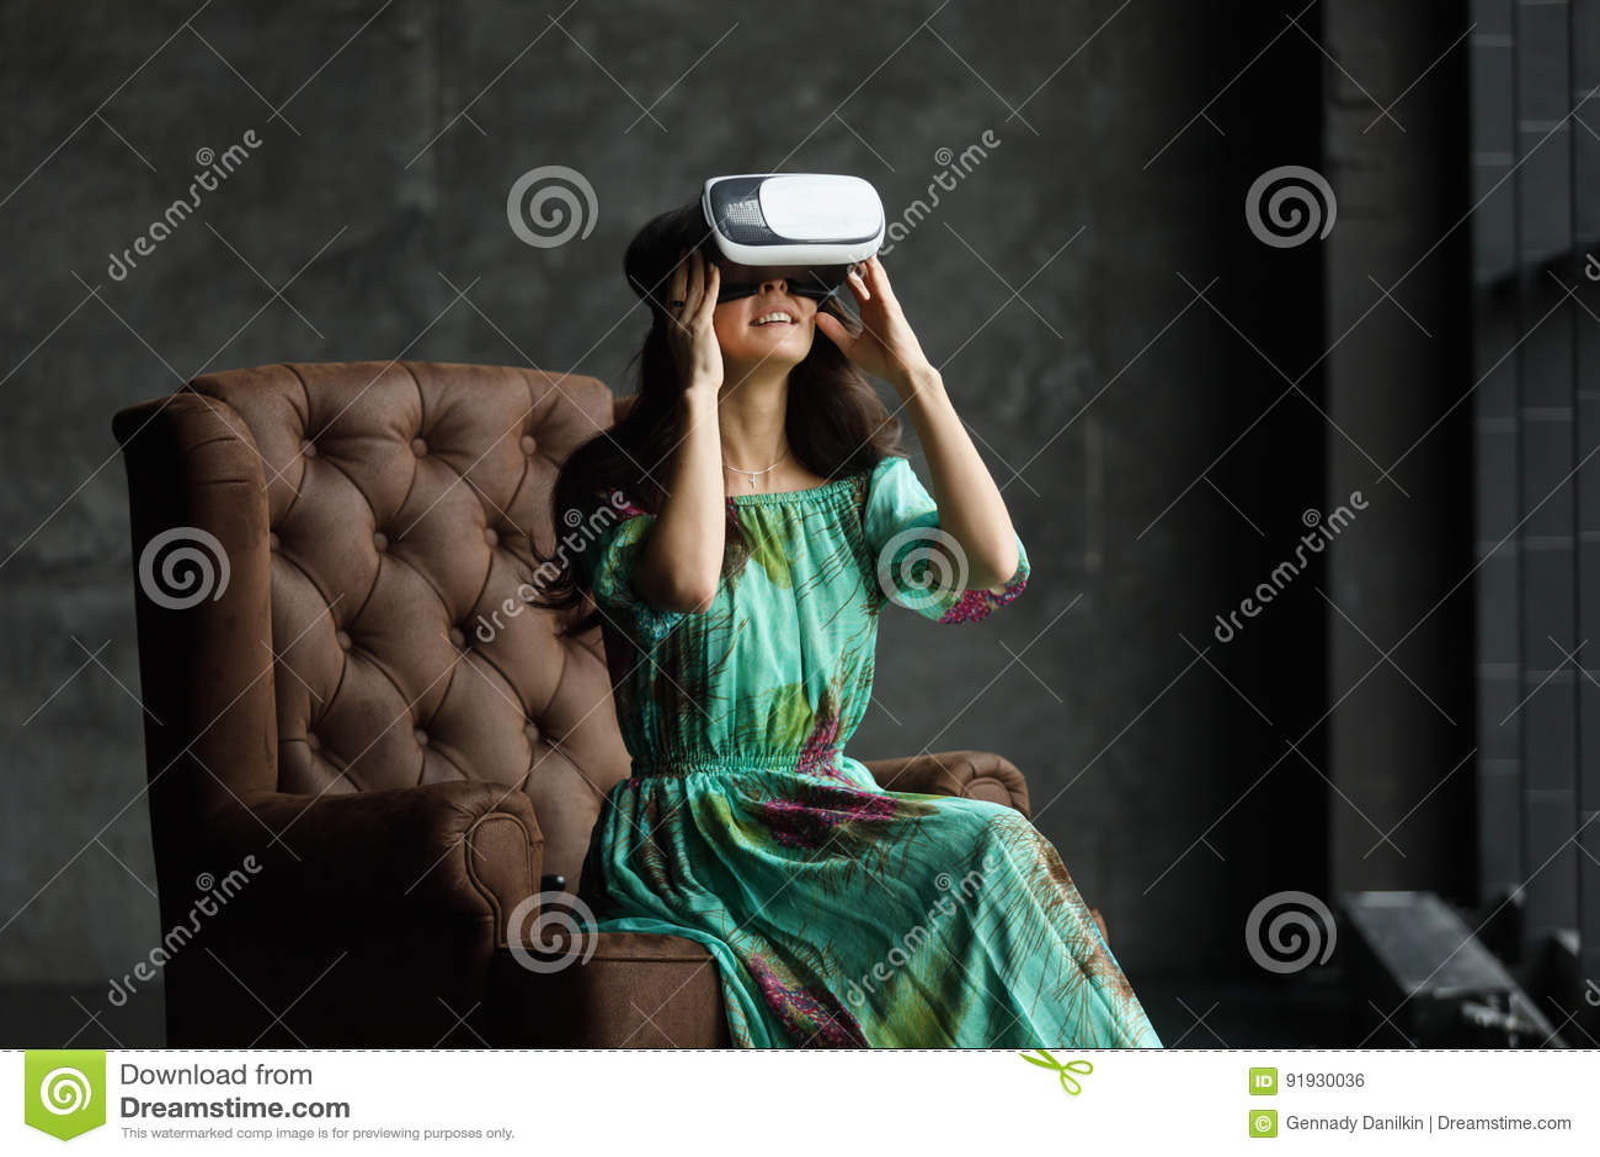 Het VR-hoofdtelefoonontwerp is generisch en geen emblemen, Vrouw met glazen van virtuele werkelijkheid, zit als voorzitter, tegen